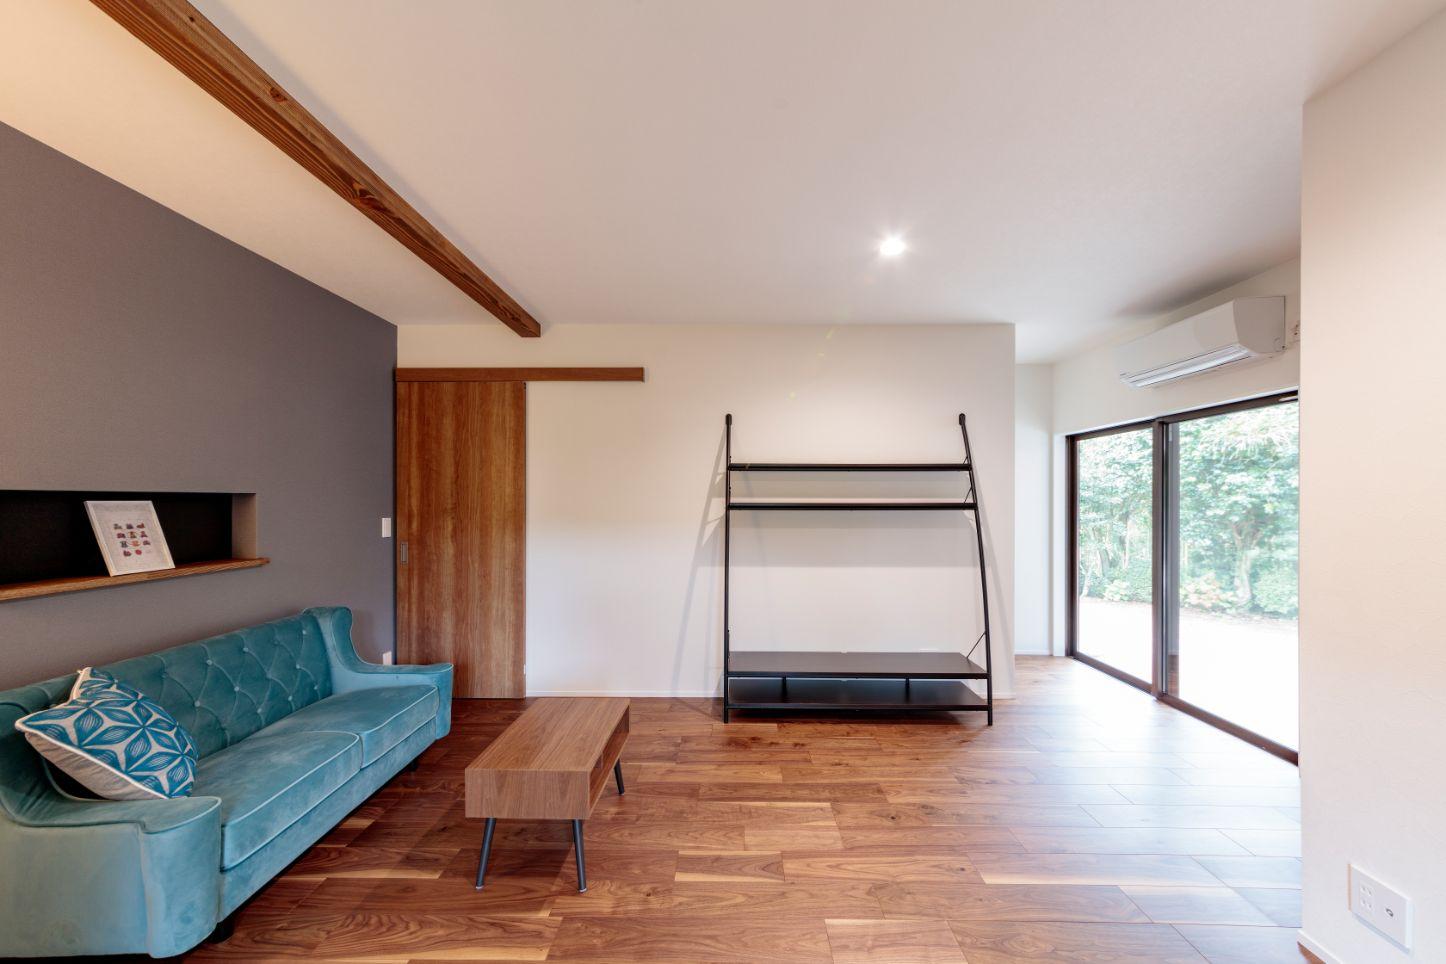 大きな掃き出し窓は断熱性能の高いサッシに取り替え。床、壁、天井、窓の断熱を徹底して行いました。